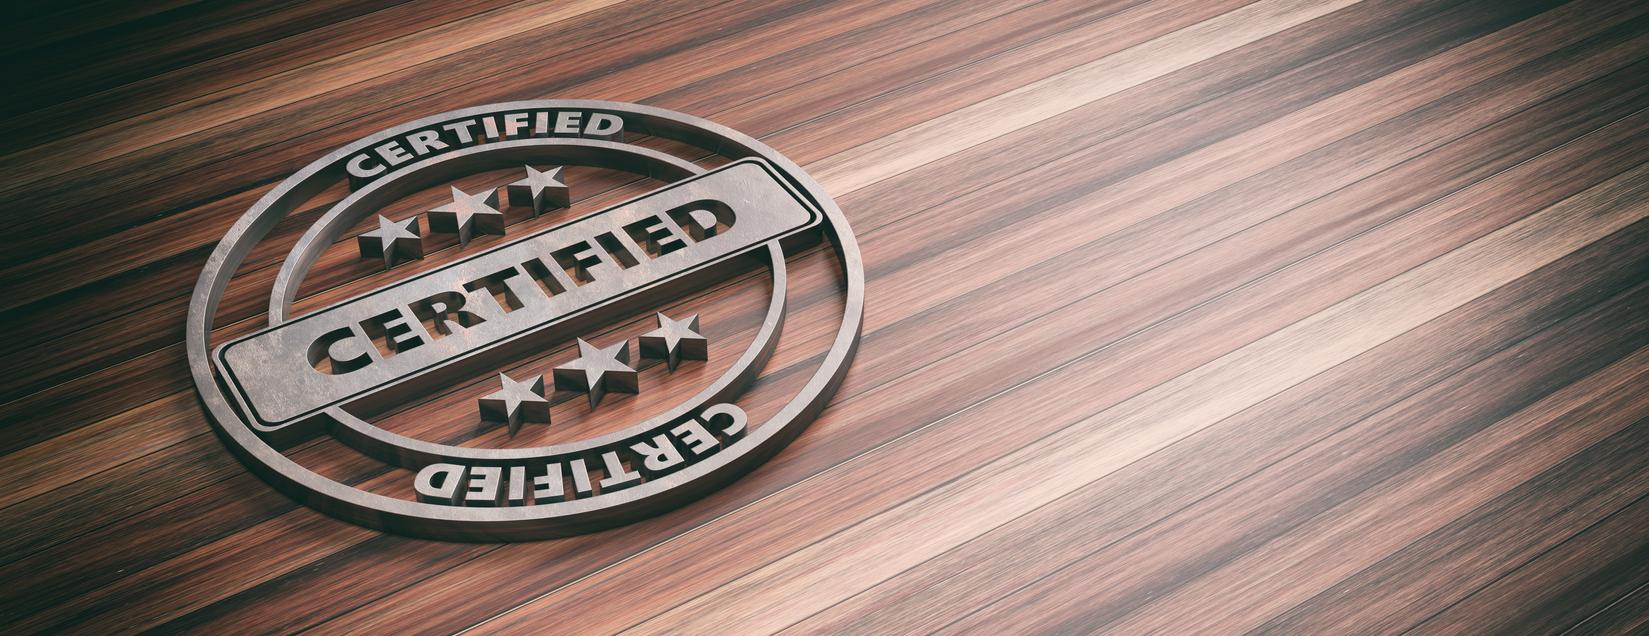 Certified Pre-Owned in Petaluma